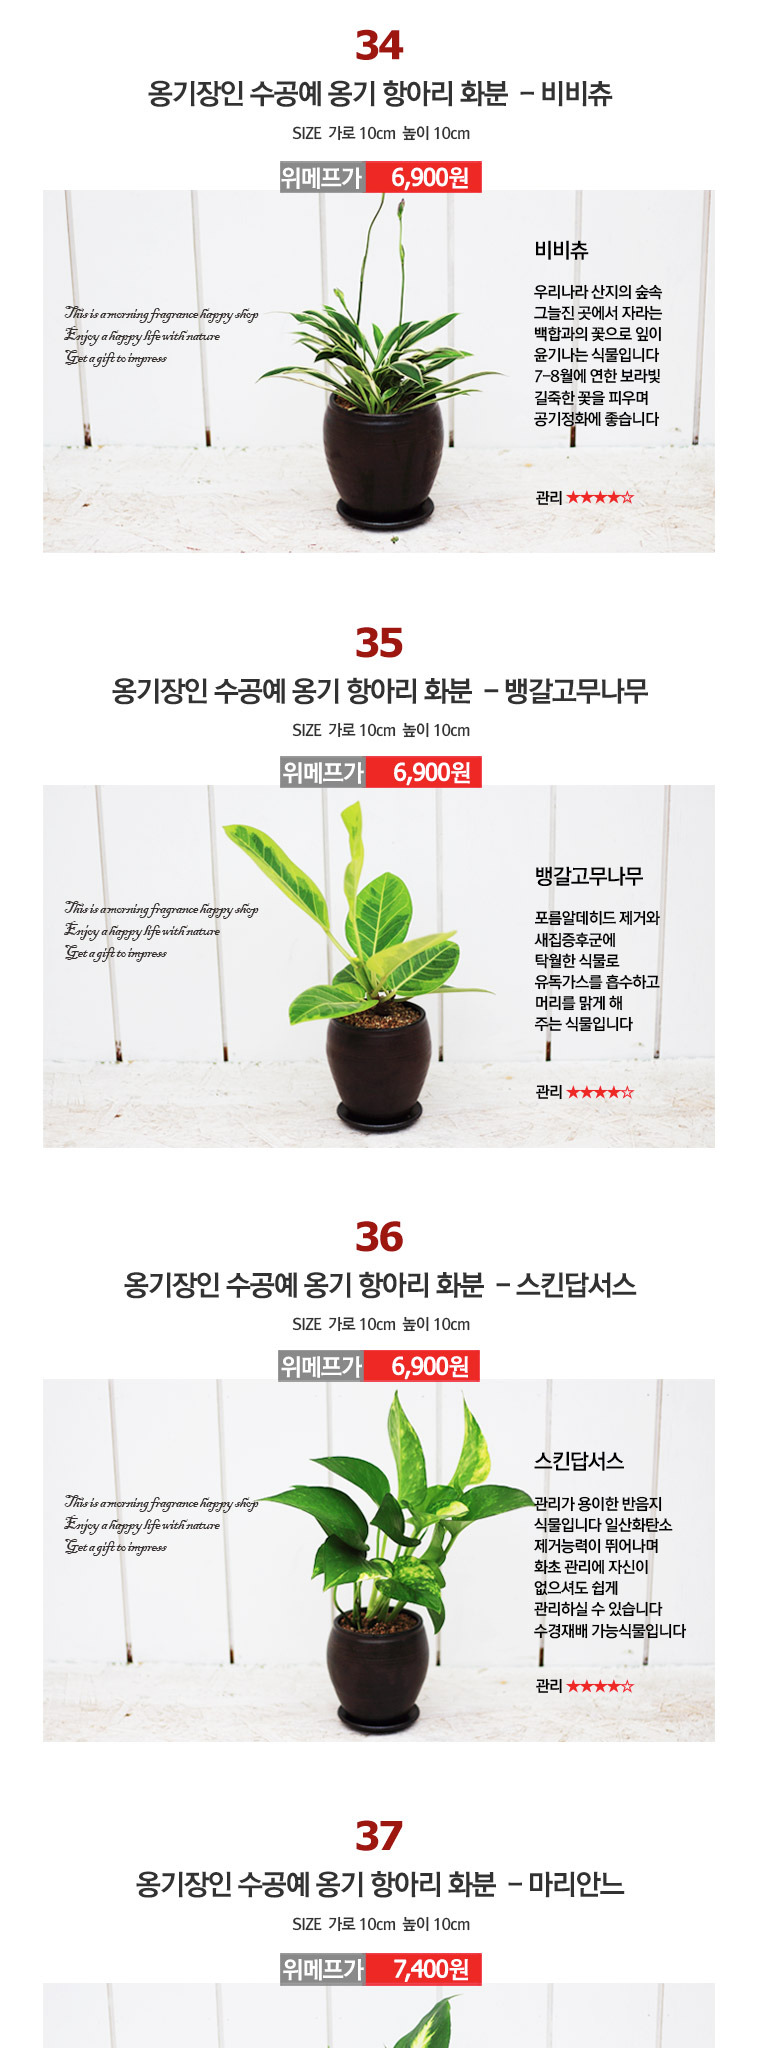 공기정화식물 장인 수공예 옹기화분 - 상세정보